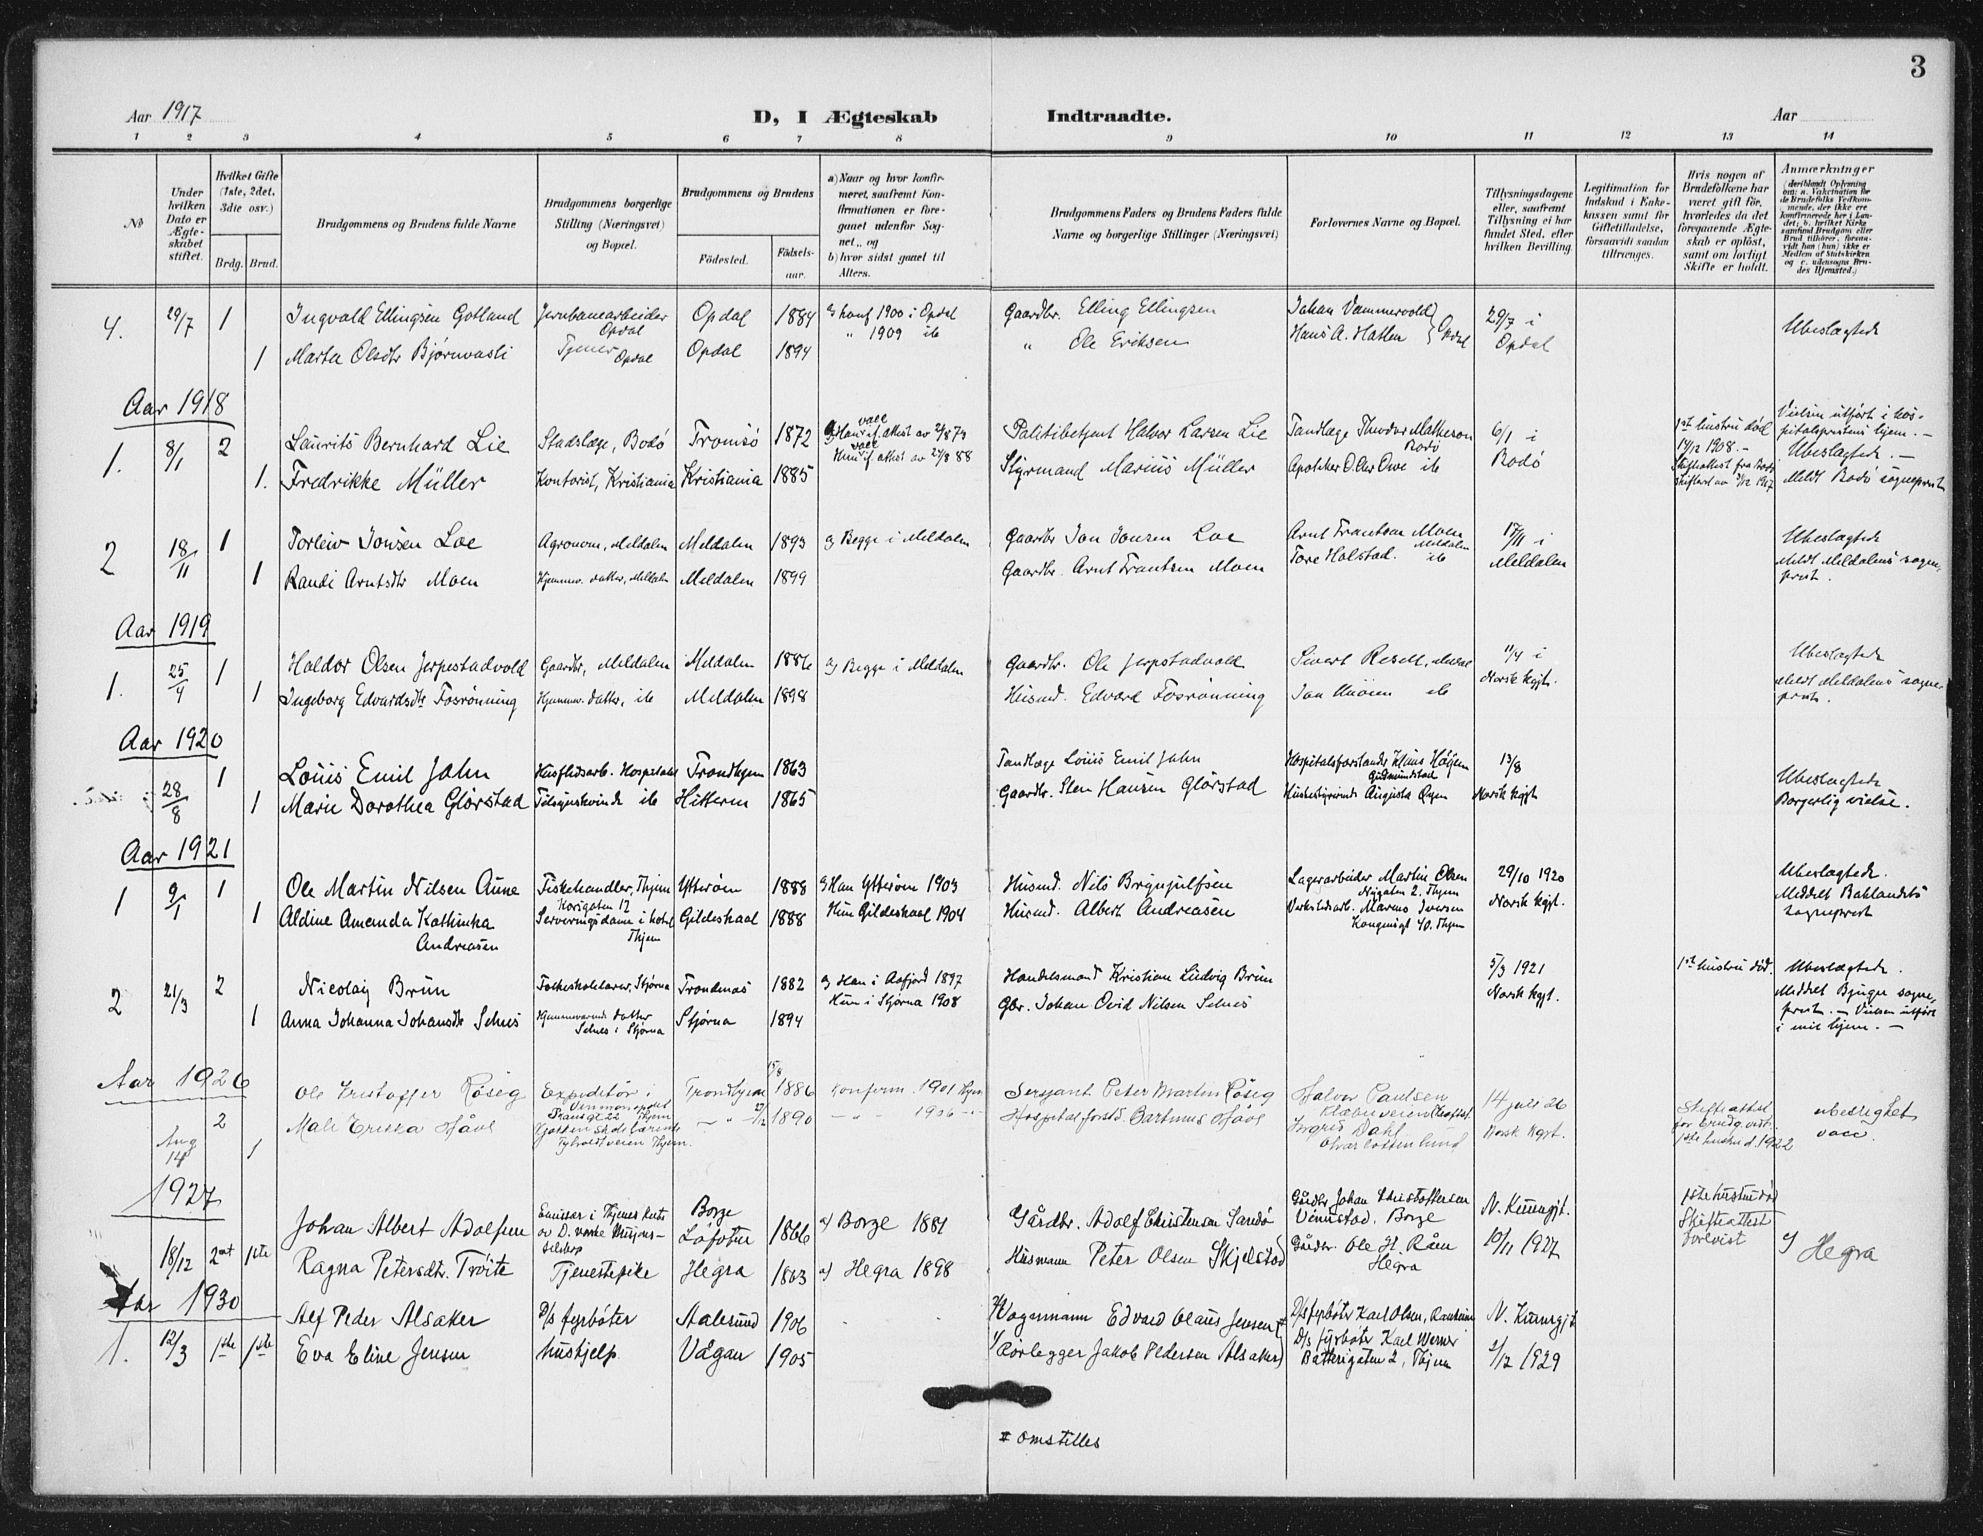 SAT, Ministerialprotokoller, klokkerbøker og fødselsregistre - Sør-Trøndelag, 623/L0472: Ministerialbok nr. 623A06, 1907-1938, s. 3